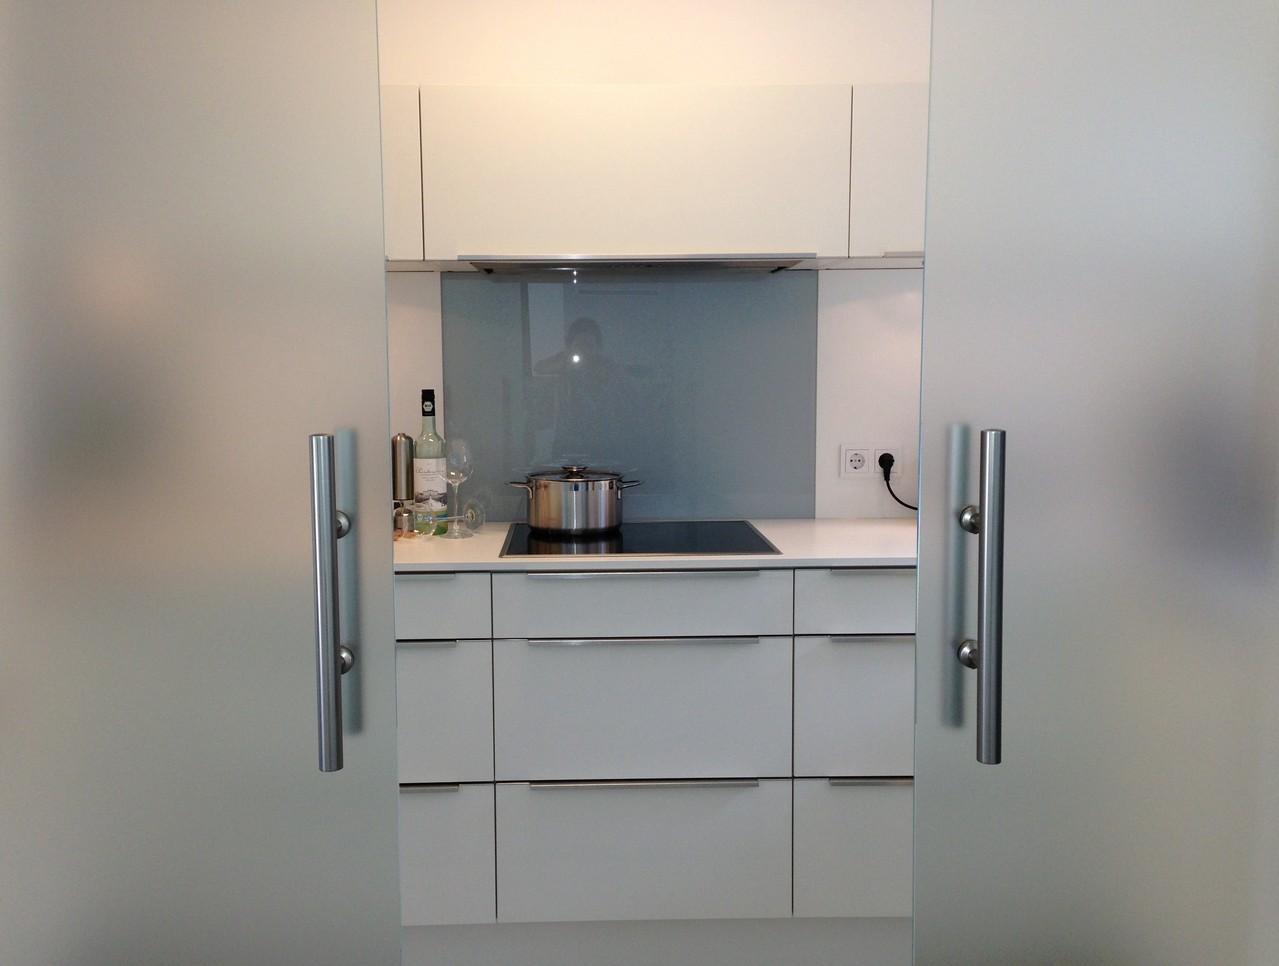 Folierung von Glastüren als Sichtschutz im Küchenbereich